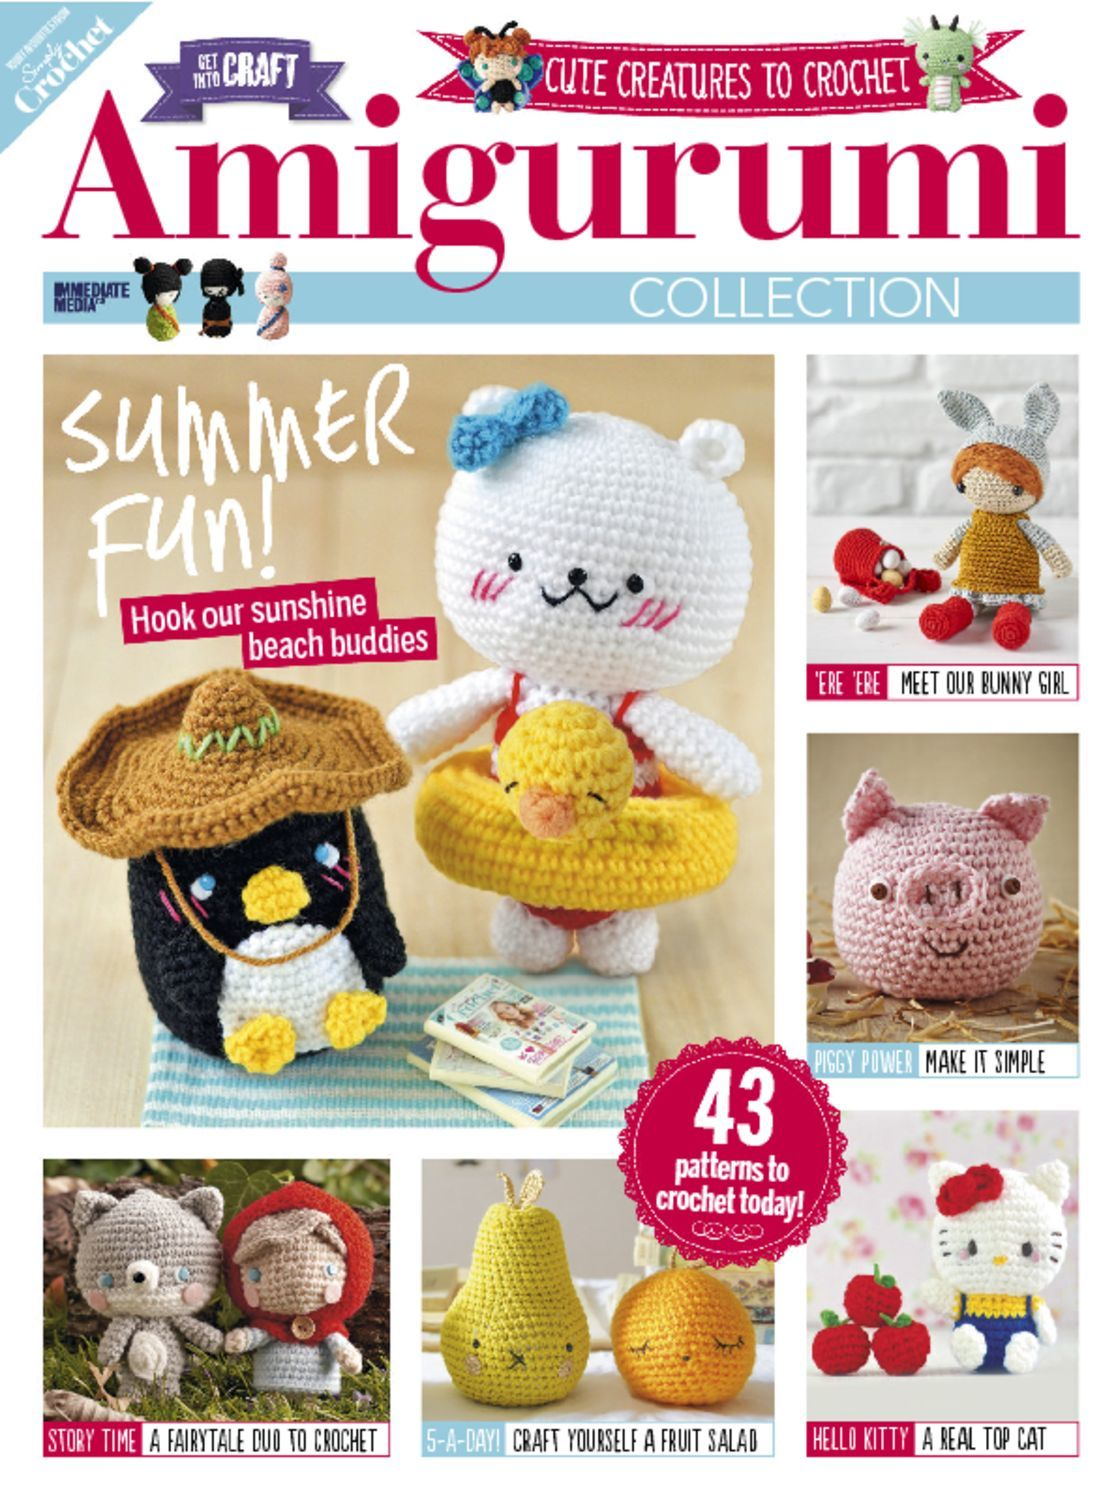 The Amigurumi Collection : Amigurumi Collection (Digital) Magazine - DiscountMags.com